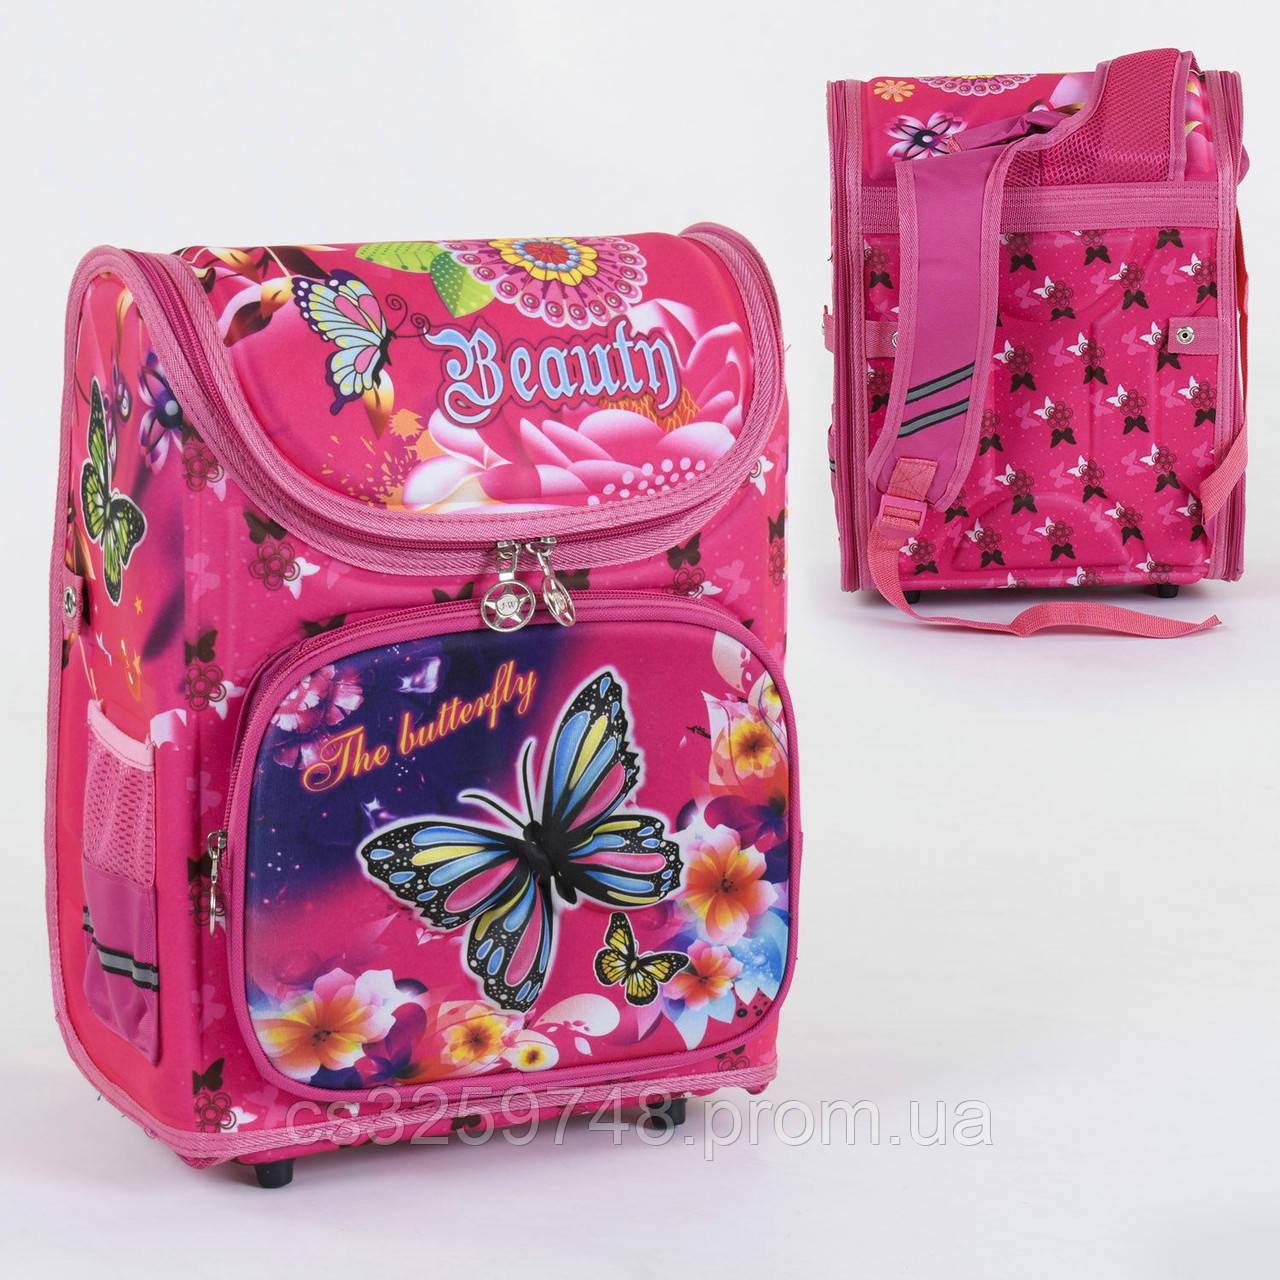 Рюкзак школьный каркасный С 36175 спинка ортопедическая 1 отделение 3 кармана с 3D рисунком